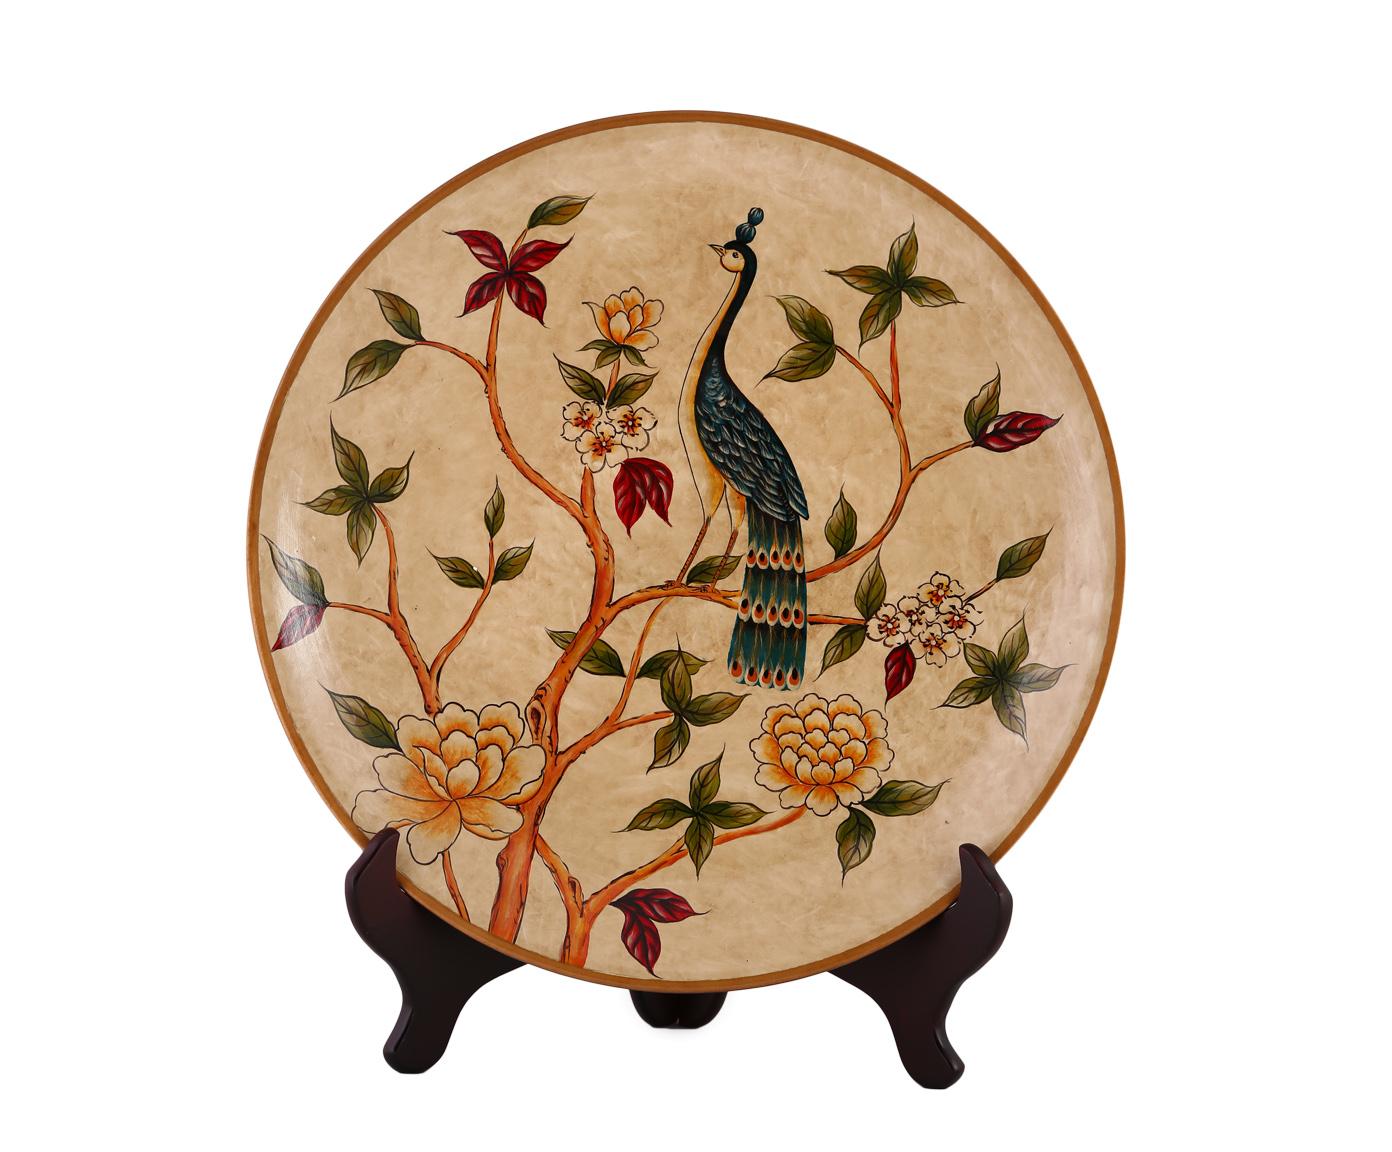 Декоративная тарелкаДекоративные тарелки<br><br><br>Material: Керамика<br>Depth см: 5,5<br>Height см: None<br>Diameter см: 33